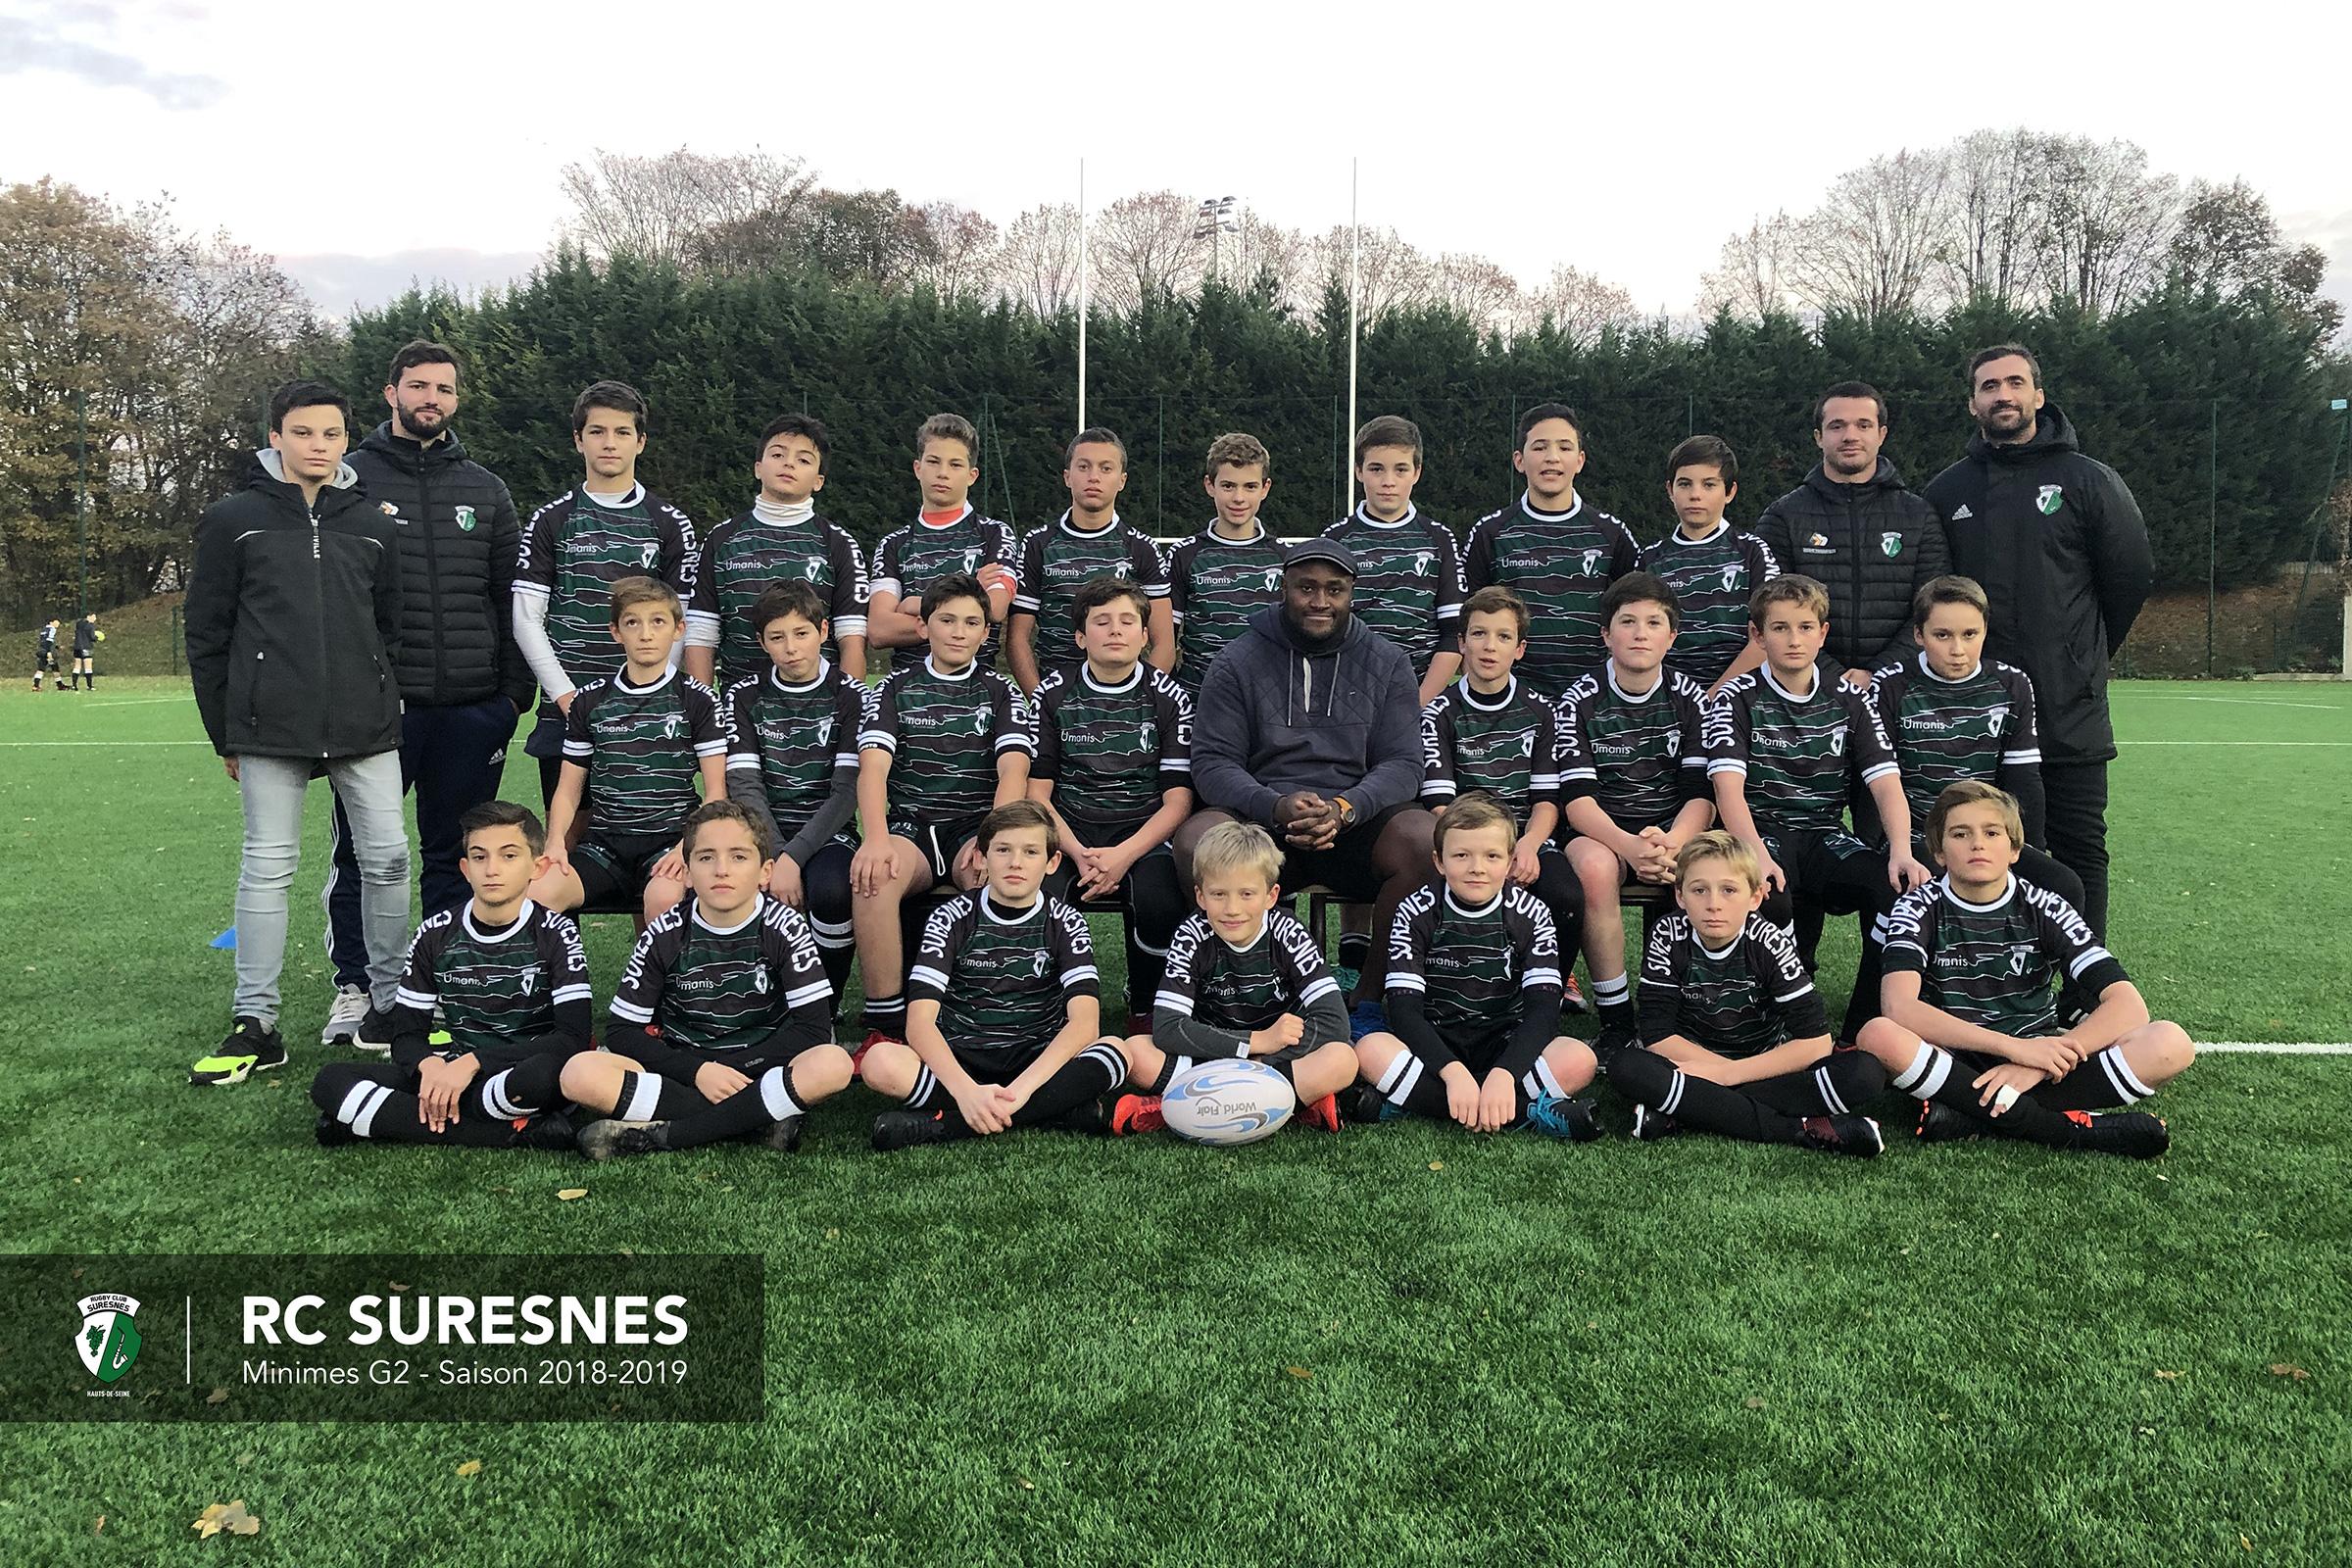 Groupe 2 - Minimes (M14) du RC Suresnes – Saison 2018/2019